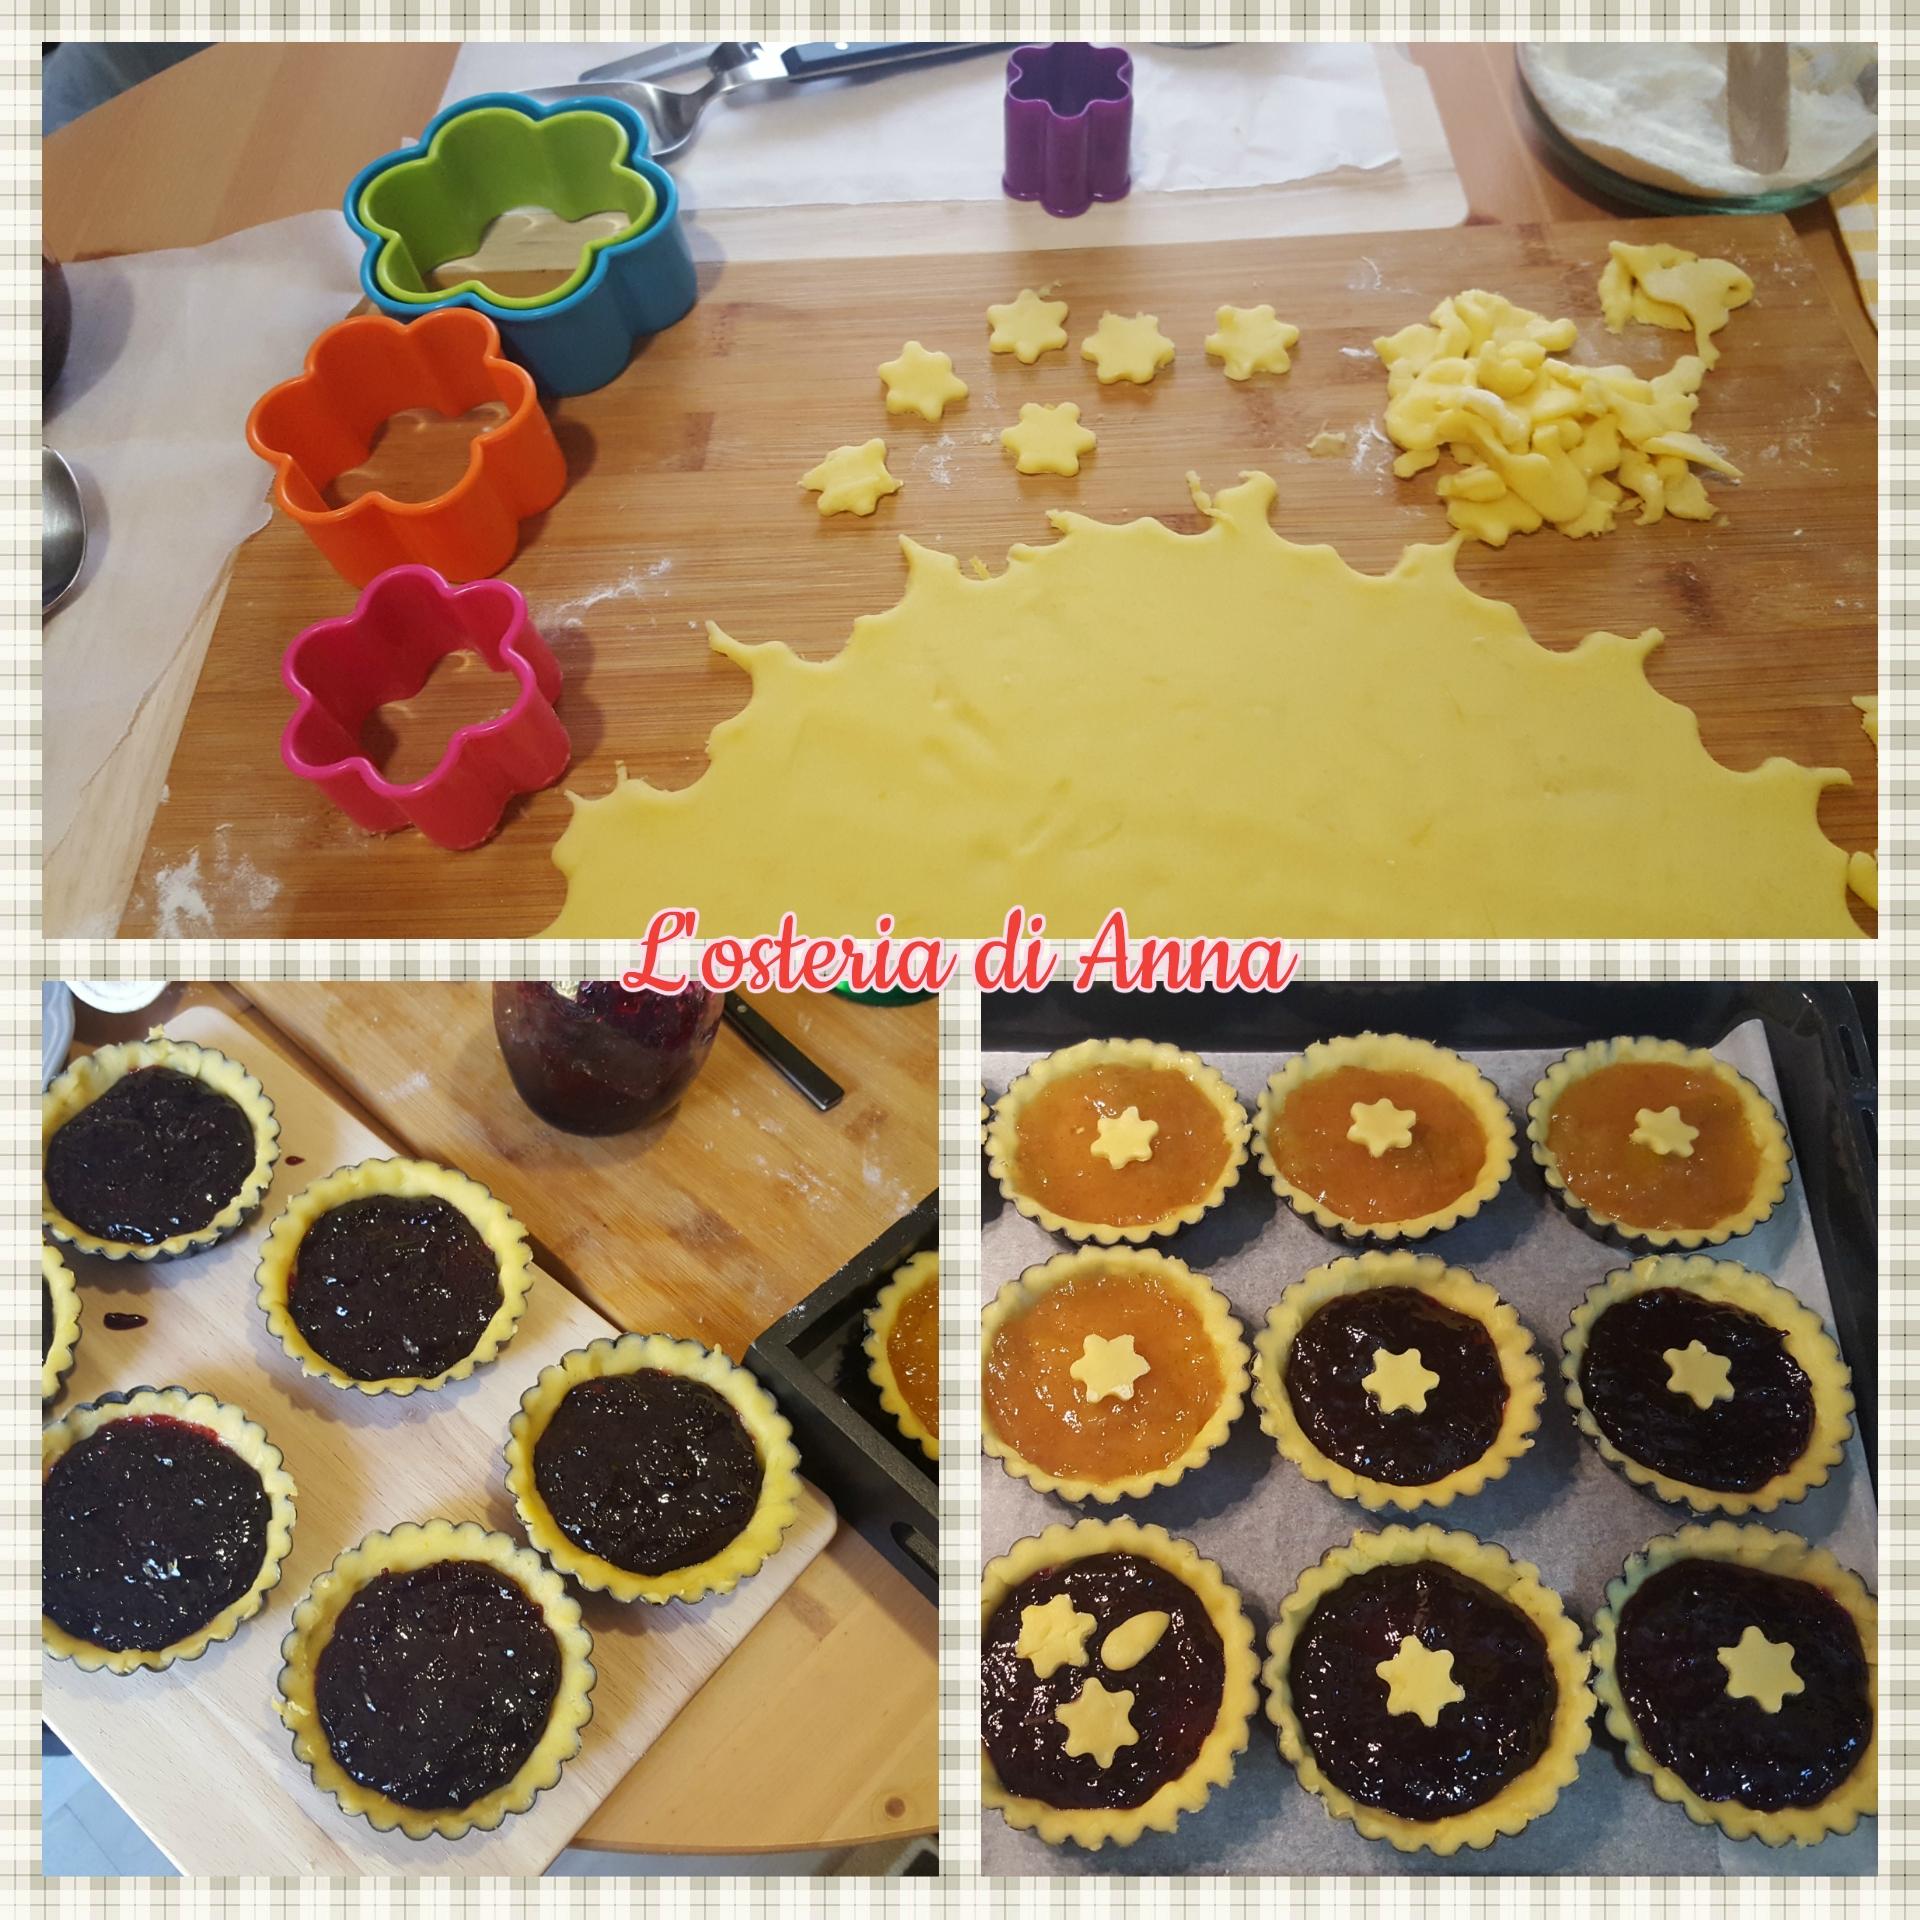 Decorazione delle crostatine con le marmellate di fichi e di uva e con stelline di pasta frolla